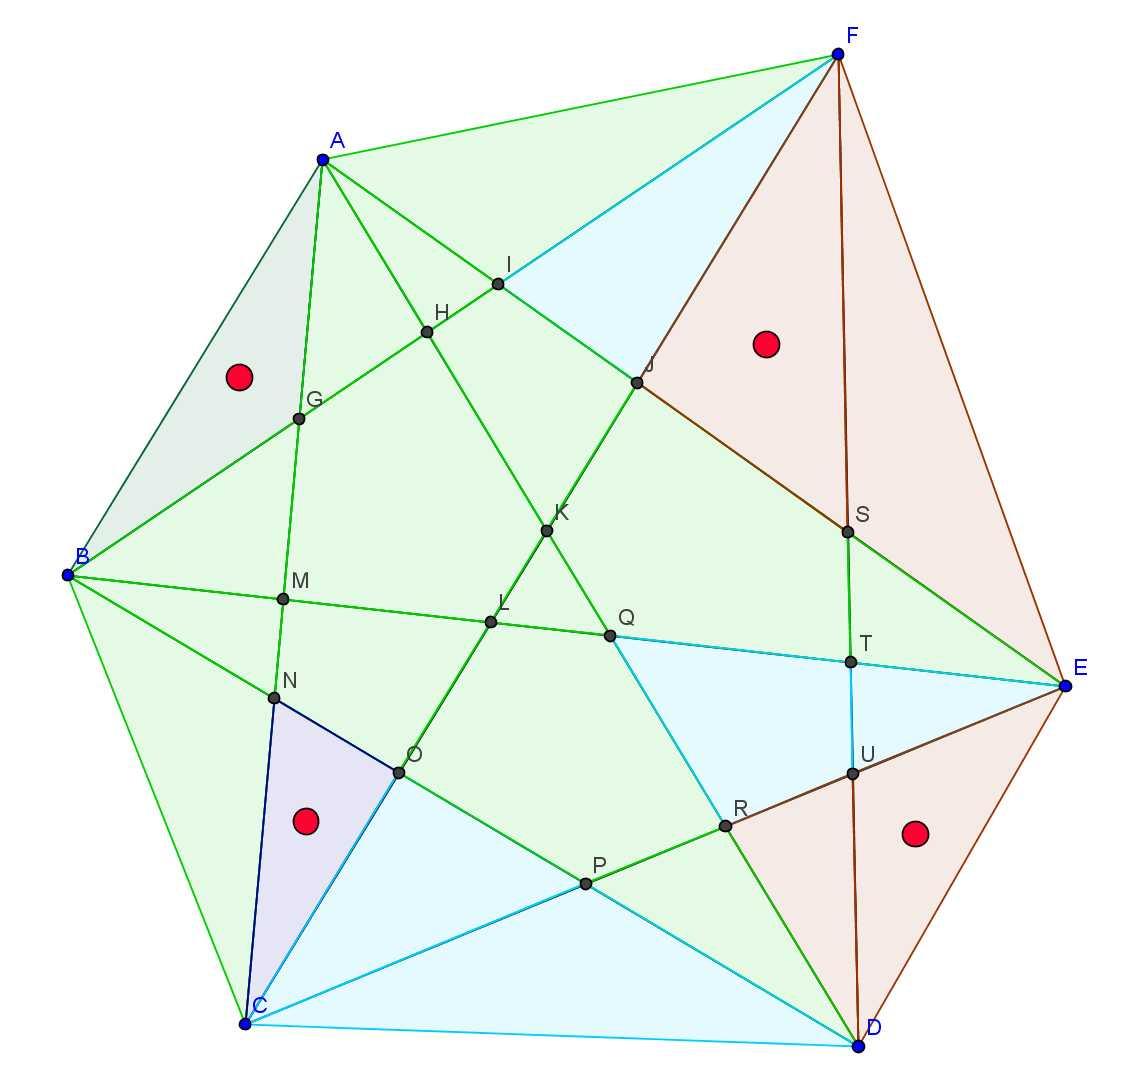 http://www.prise2tete.fr/upload/schaff60-hexagone1.jpg